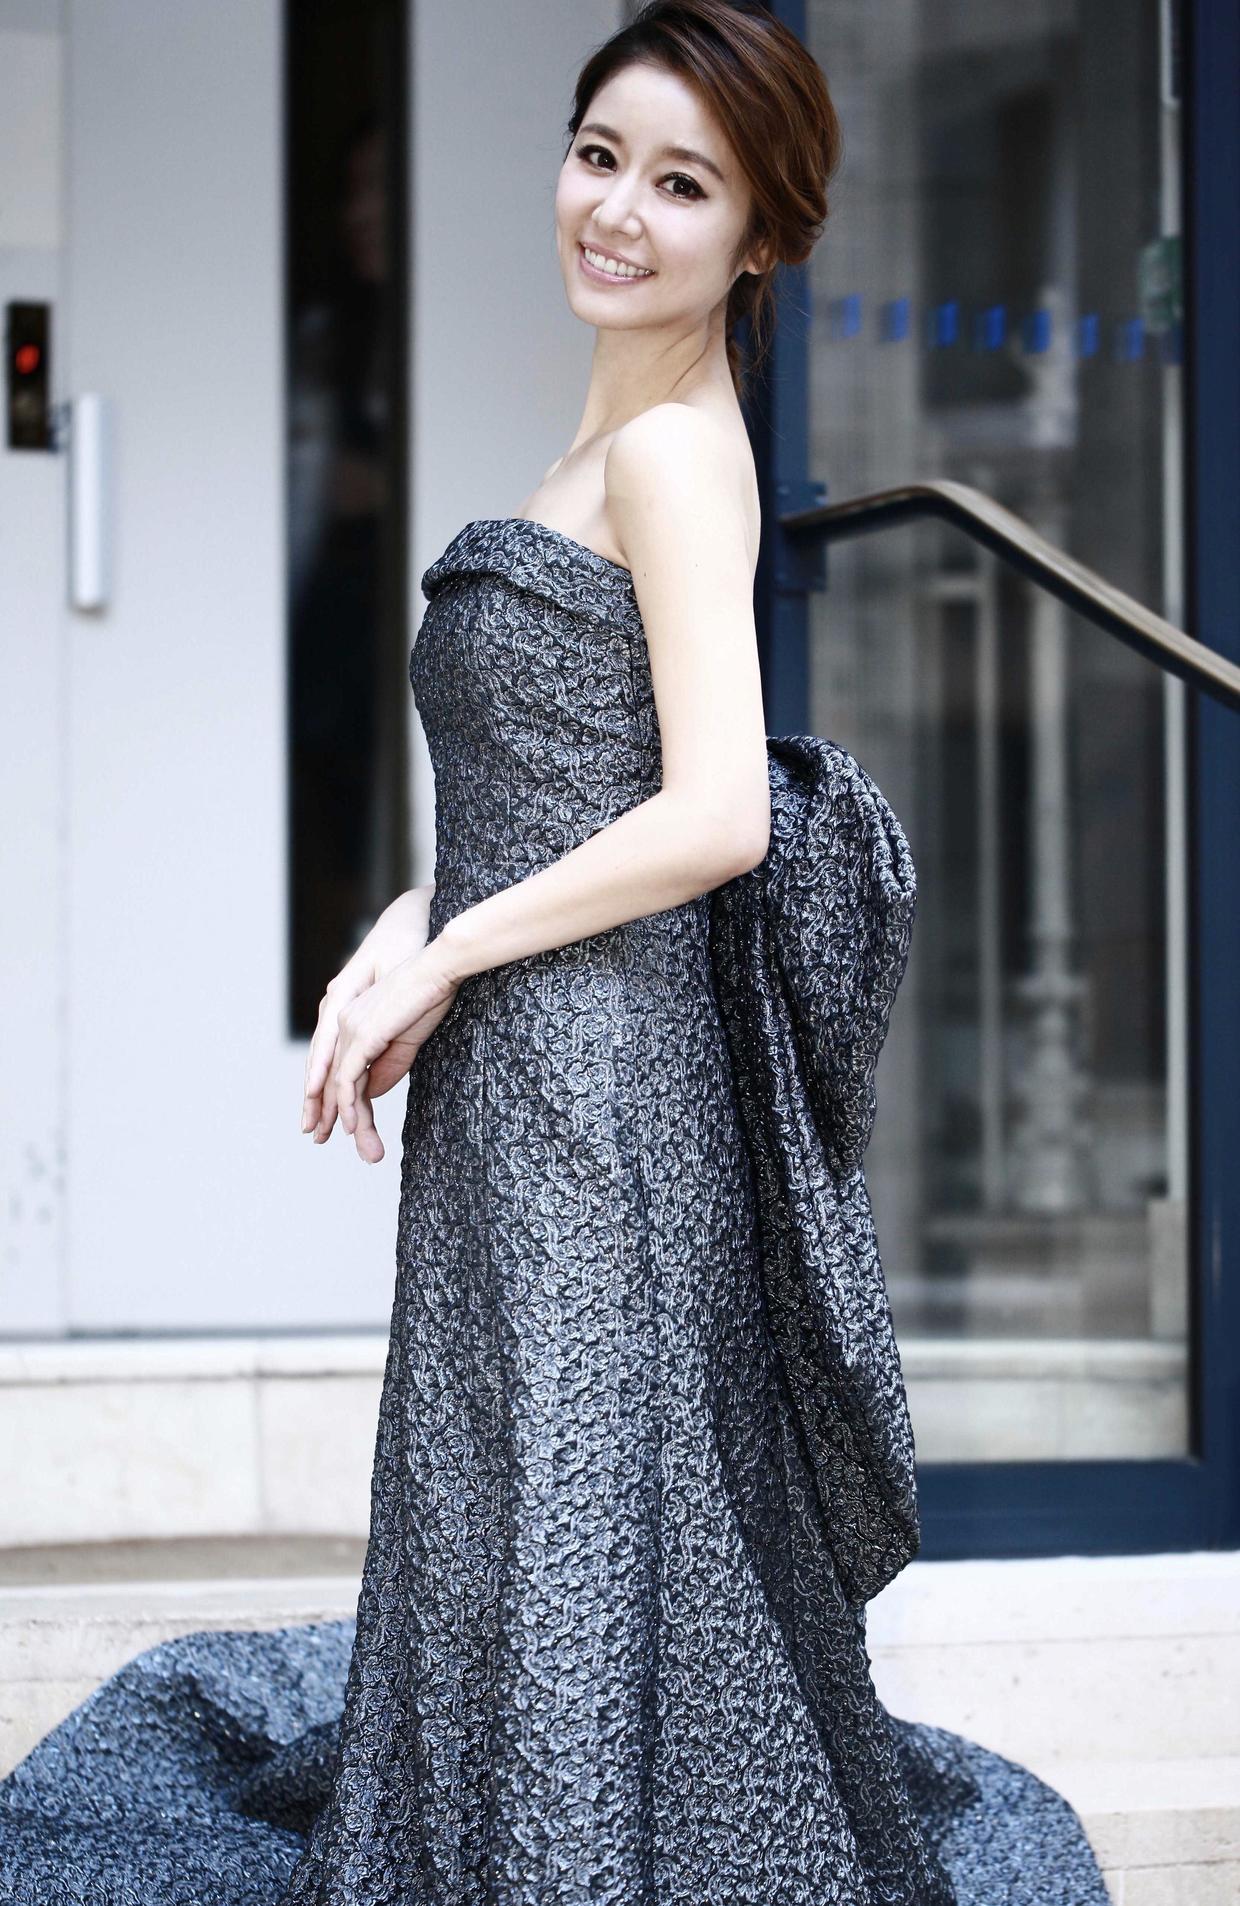 7月5日凌晨,准新娘林心如身着pascal millet高定抹胸长裙,佩戴宝格丽 ruby系列珠宝亮相宝格丽巴黎新款高级珠